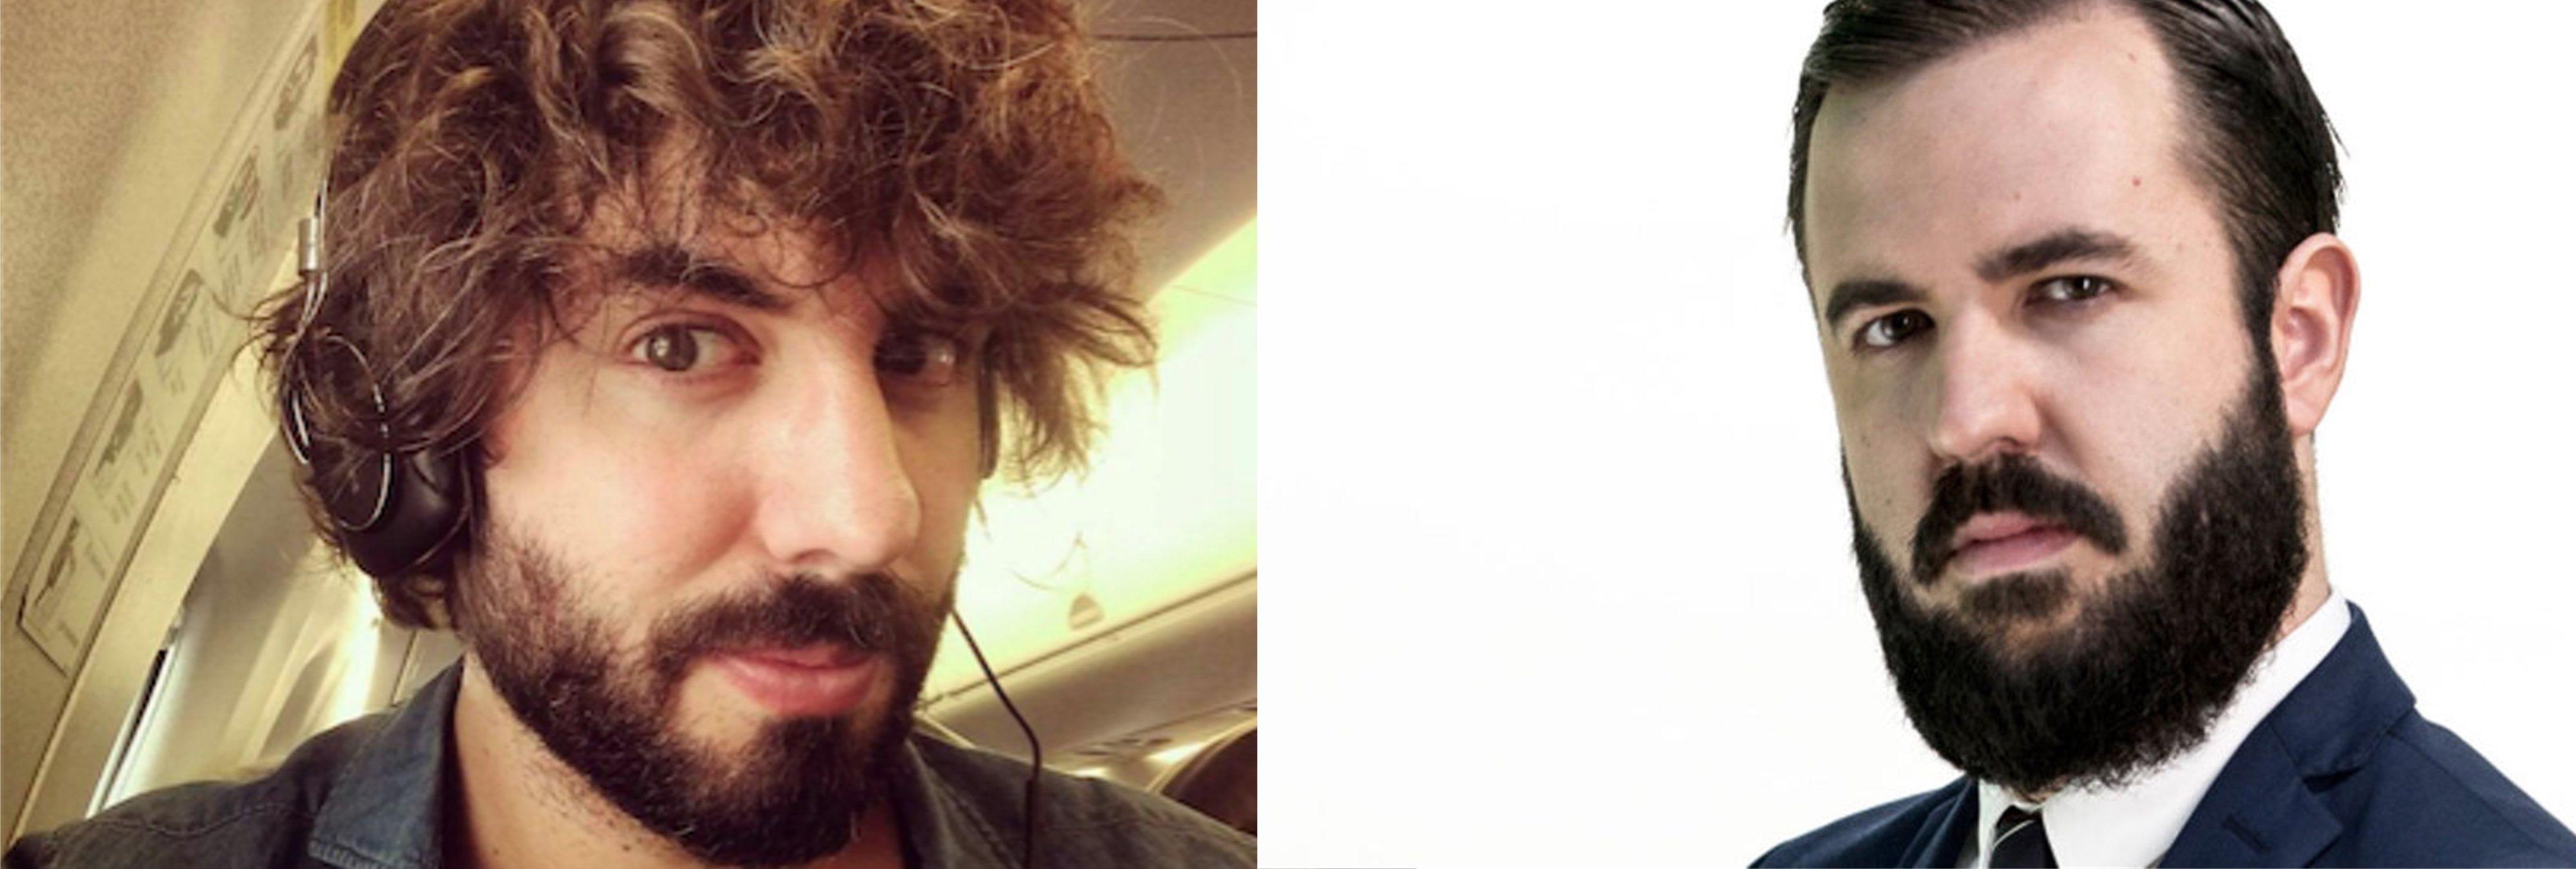 Mikel Izal responde a las denuncias que le señalan como autor de acosos sexuales